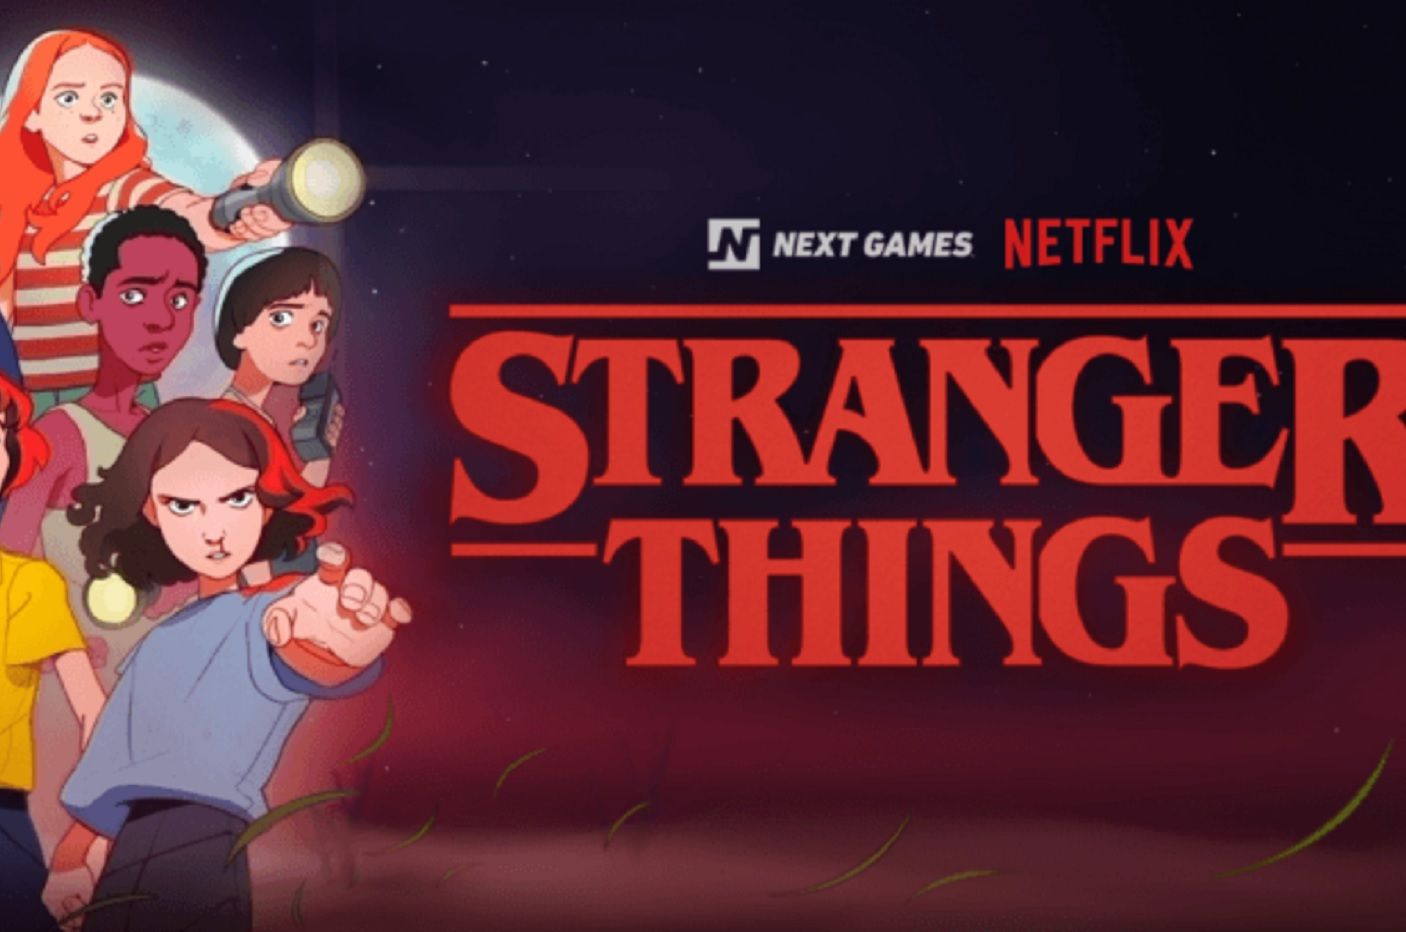 Netflix prépare un jeu mobile géolocalisé — Stranger Things